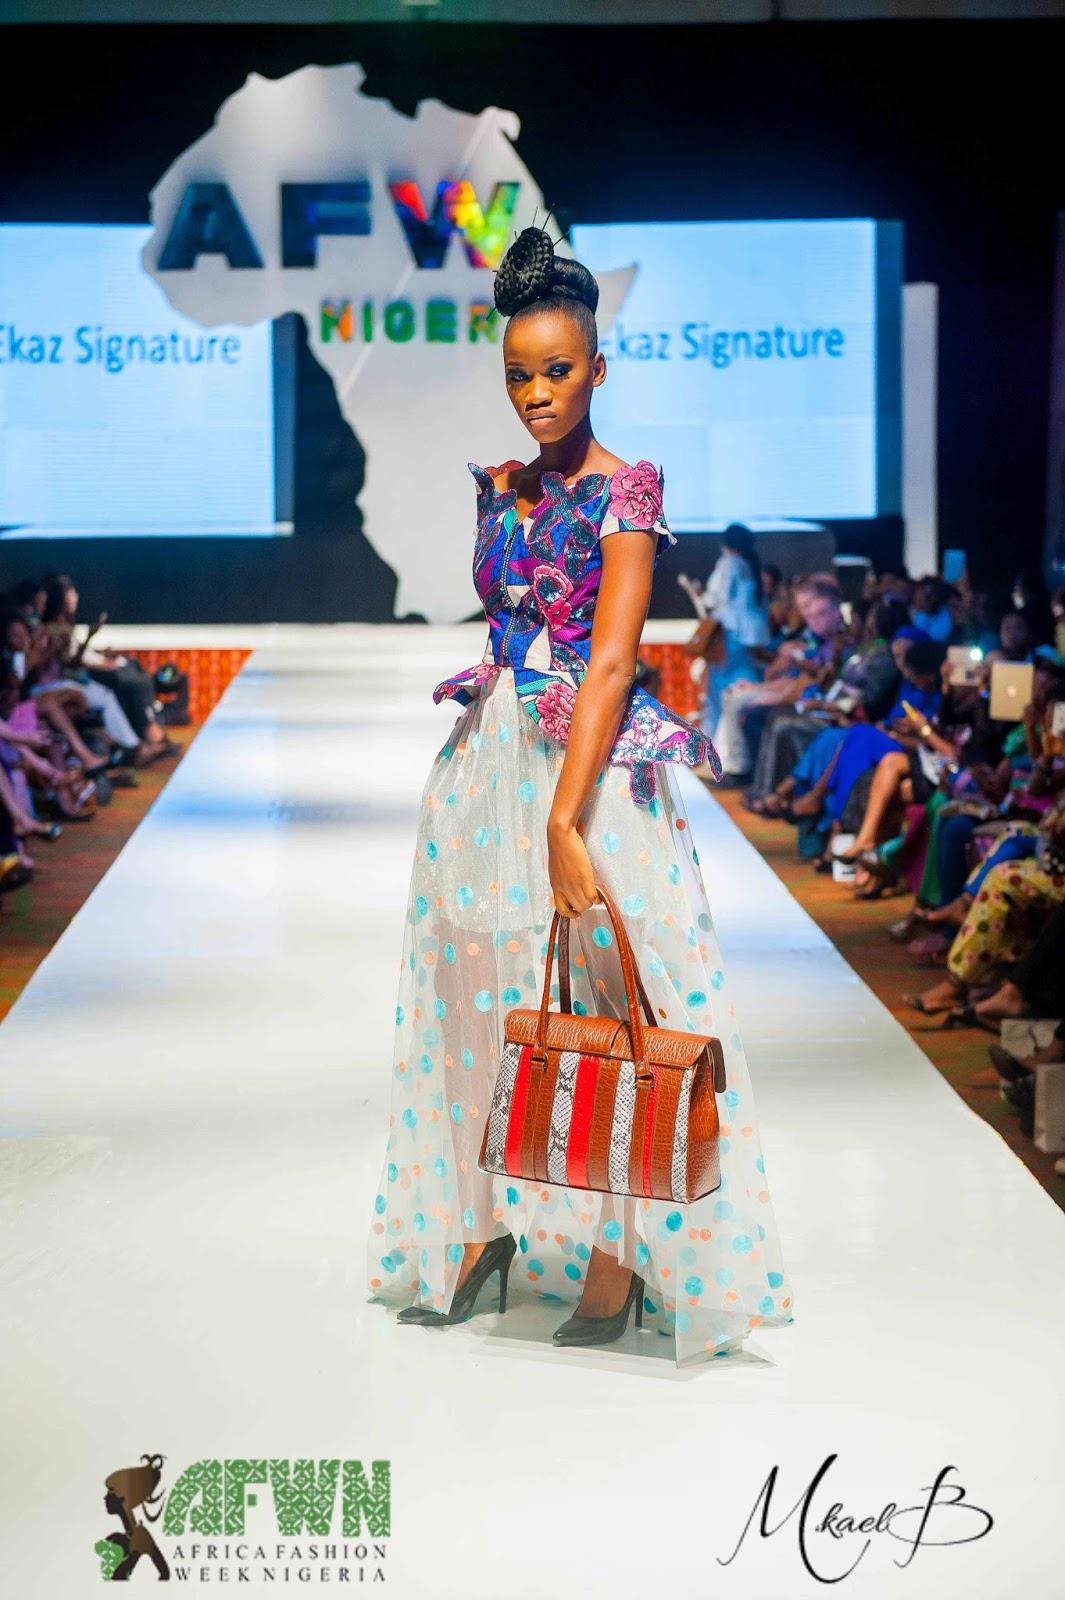 Brandarena Africa Fashion Week Nigeria Hosts First Iconic Catwalk Show